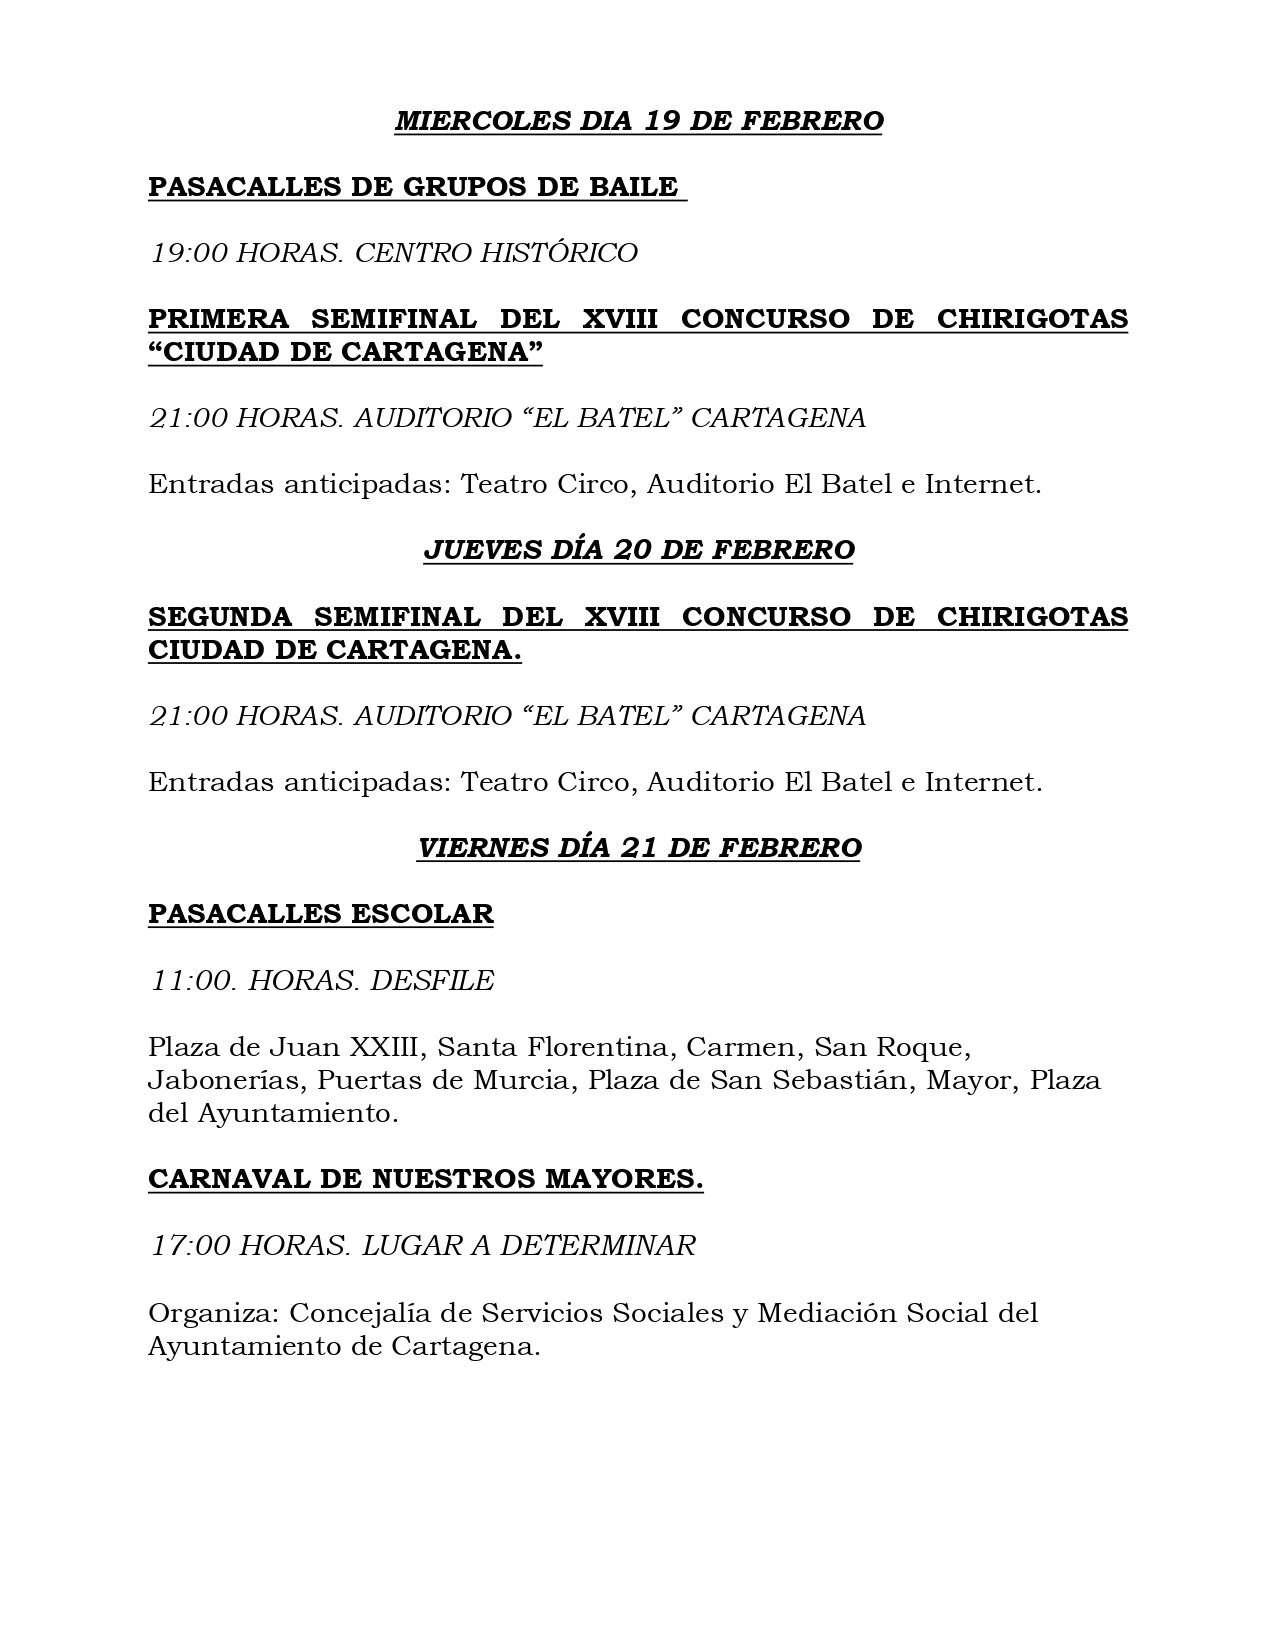 caranaval-cartagena_page-0003.jpg